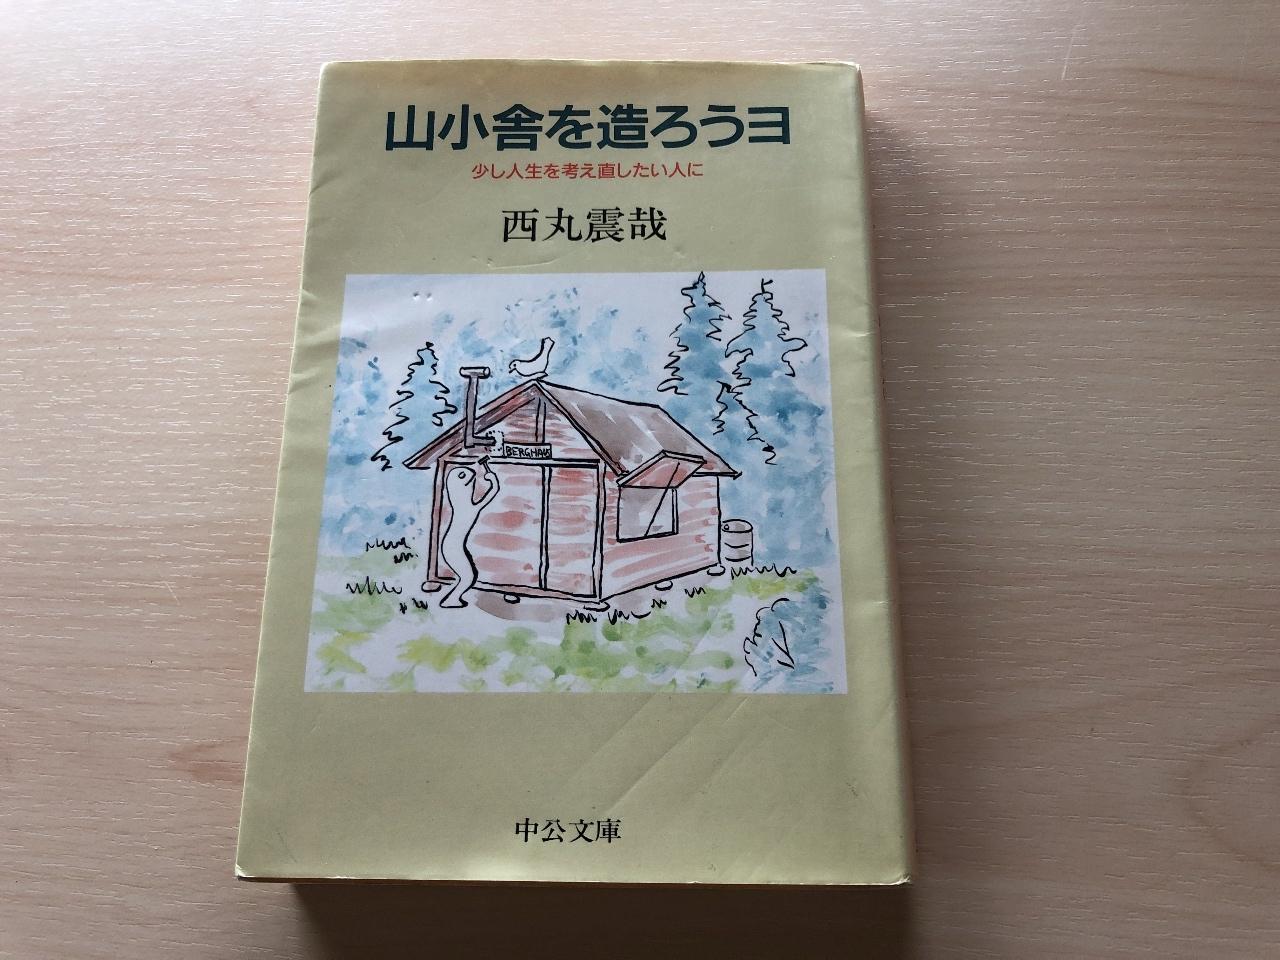 『山小舎を造ろうヨ―少し人生を考え直したい人に』西丸 震哉 抜粋